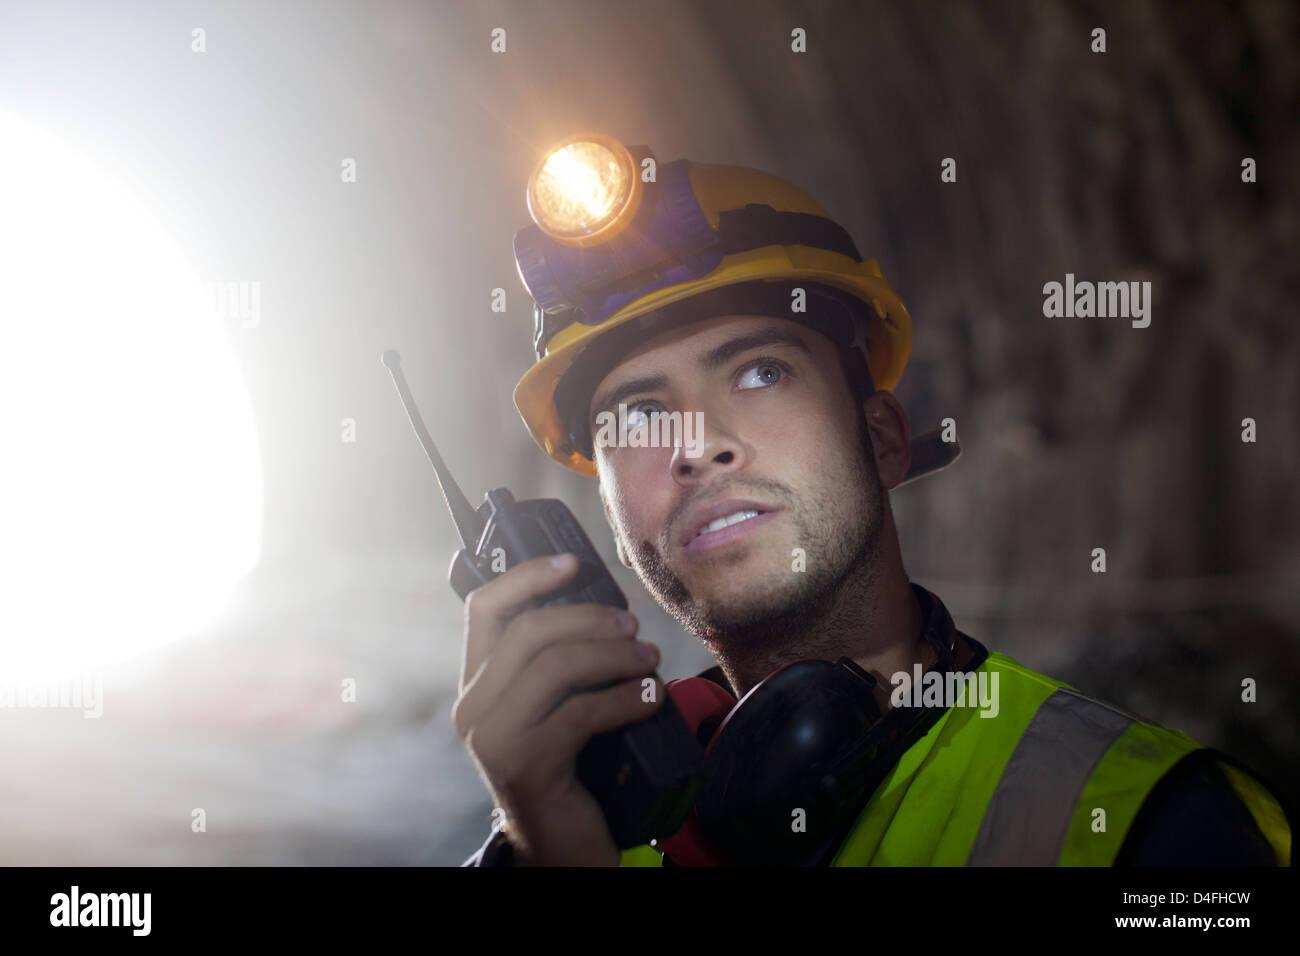 Worker using walkie-talkie in tunnel Stock Photo